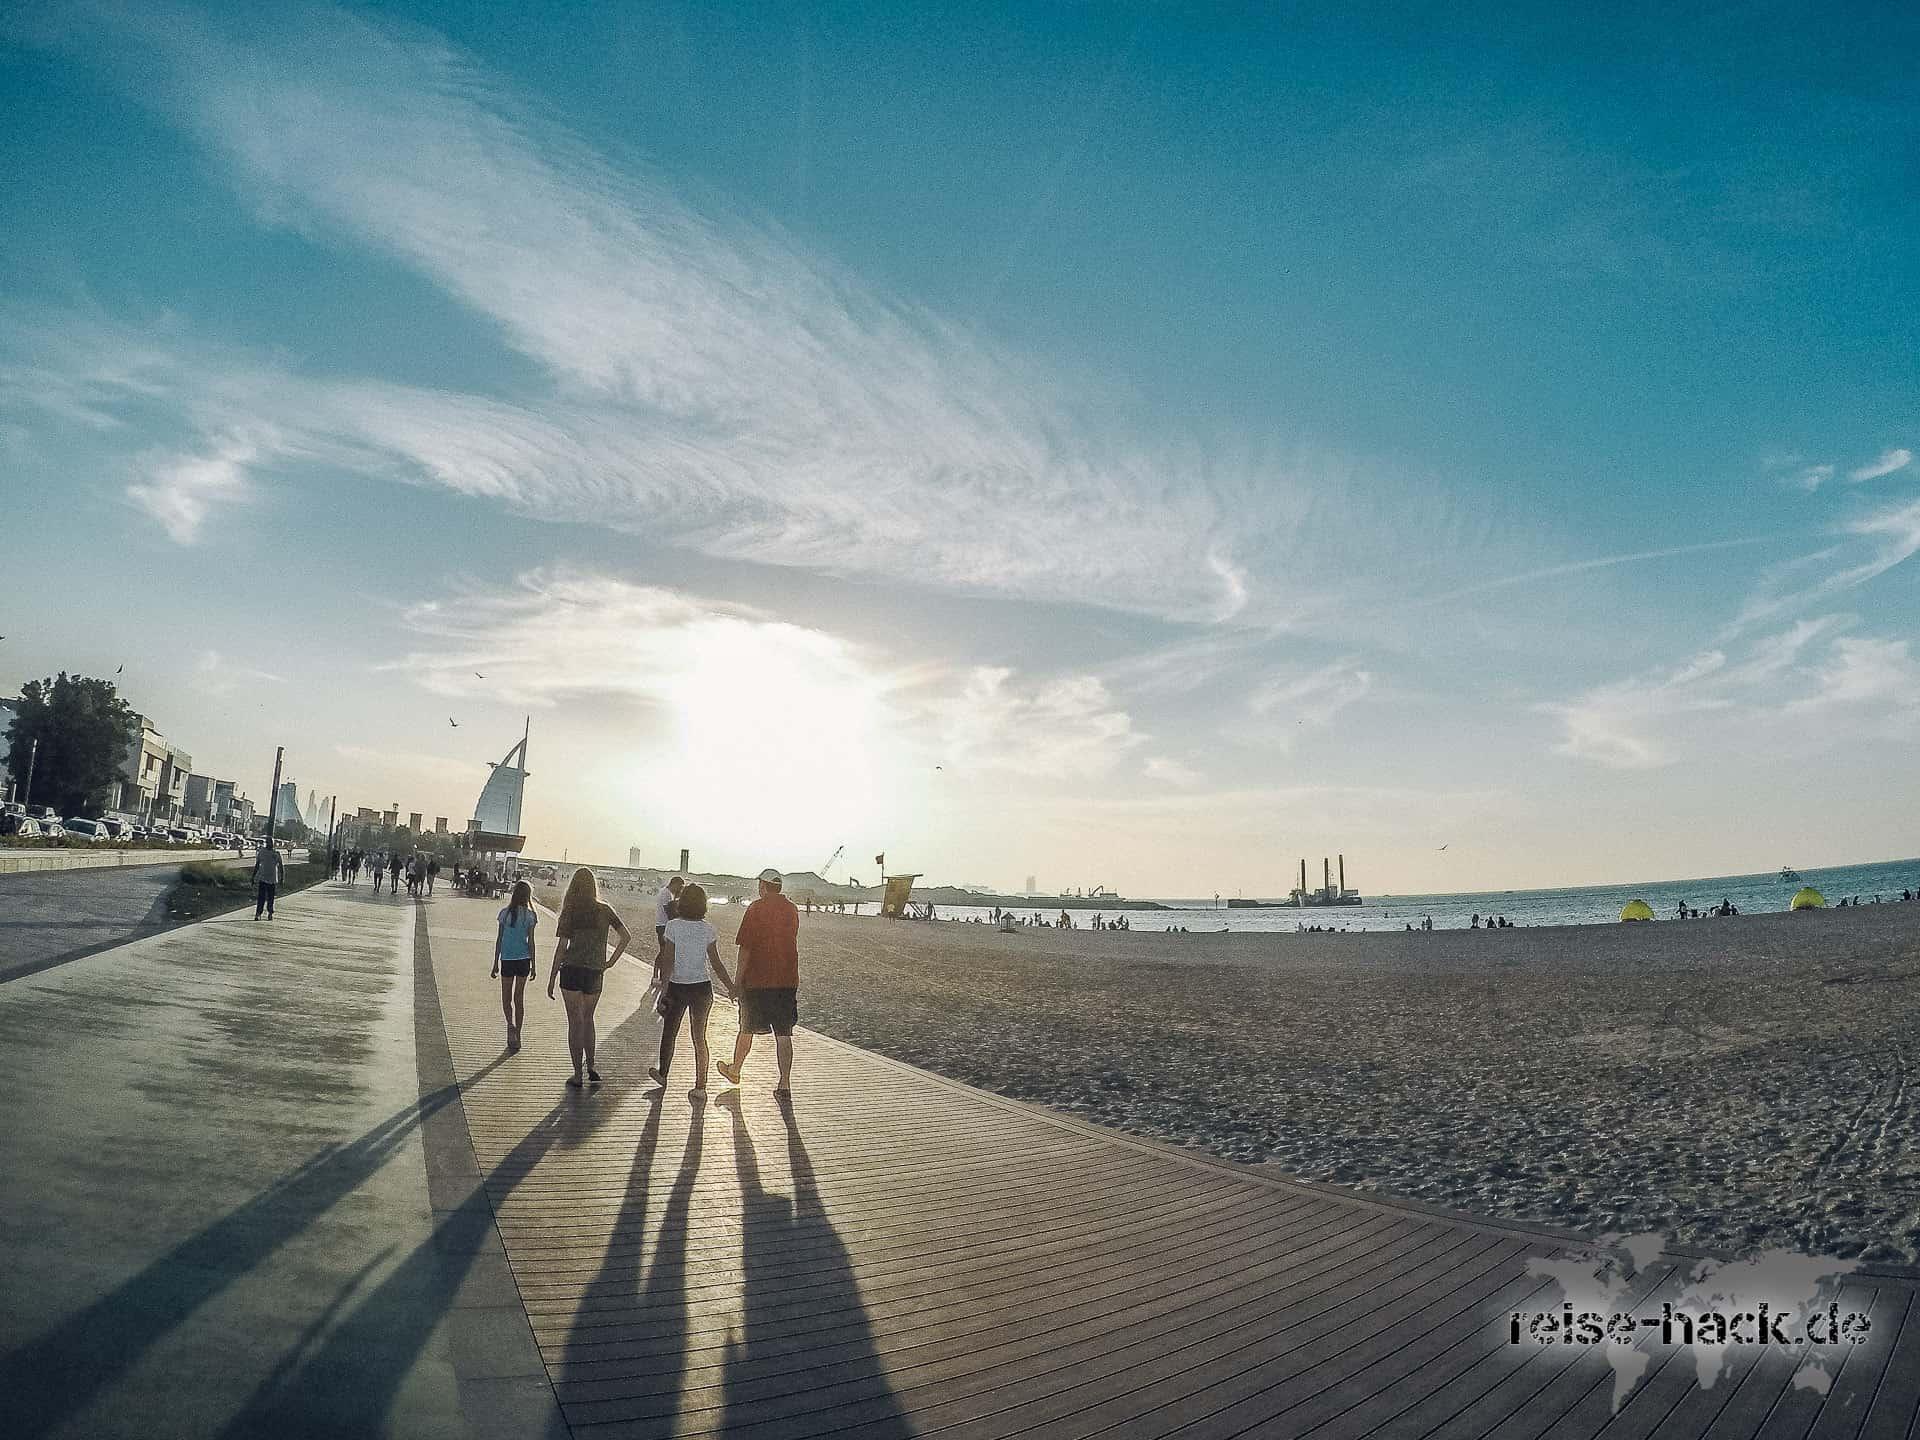 kite beach 5 dubai